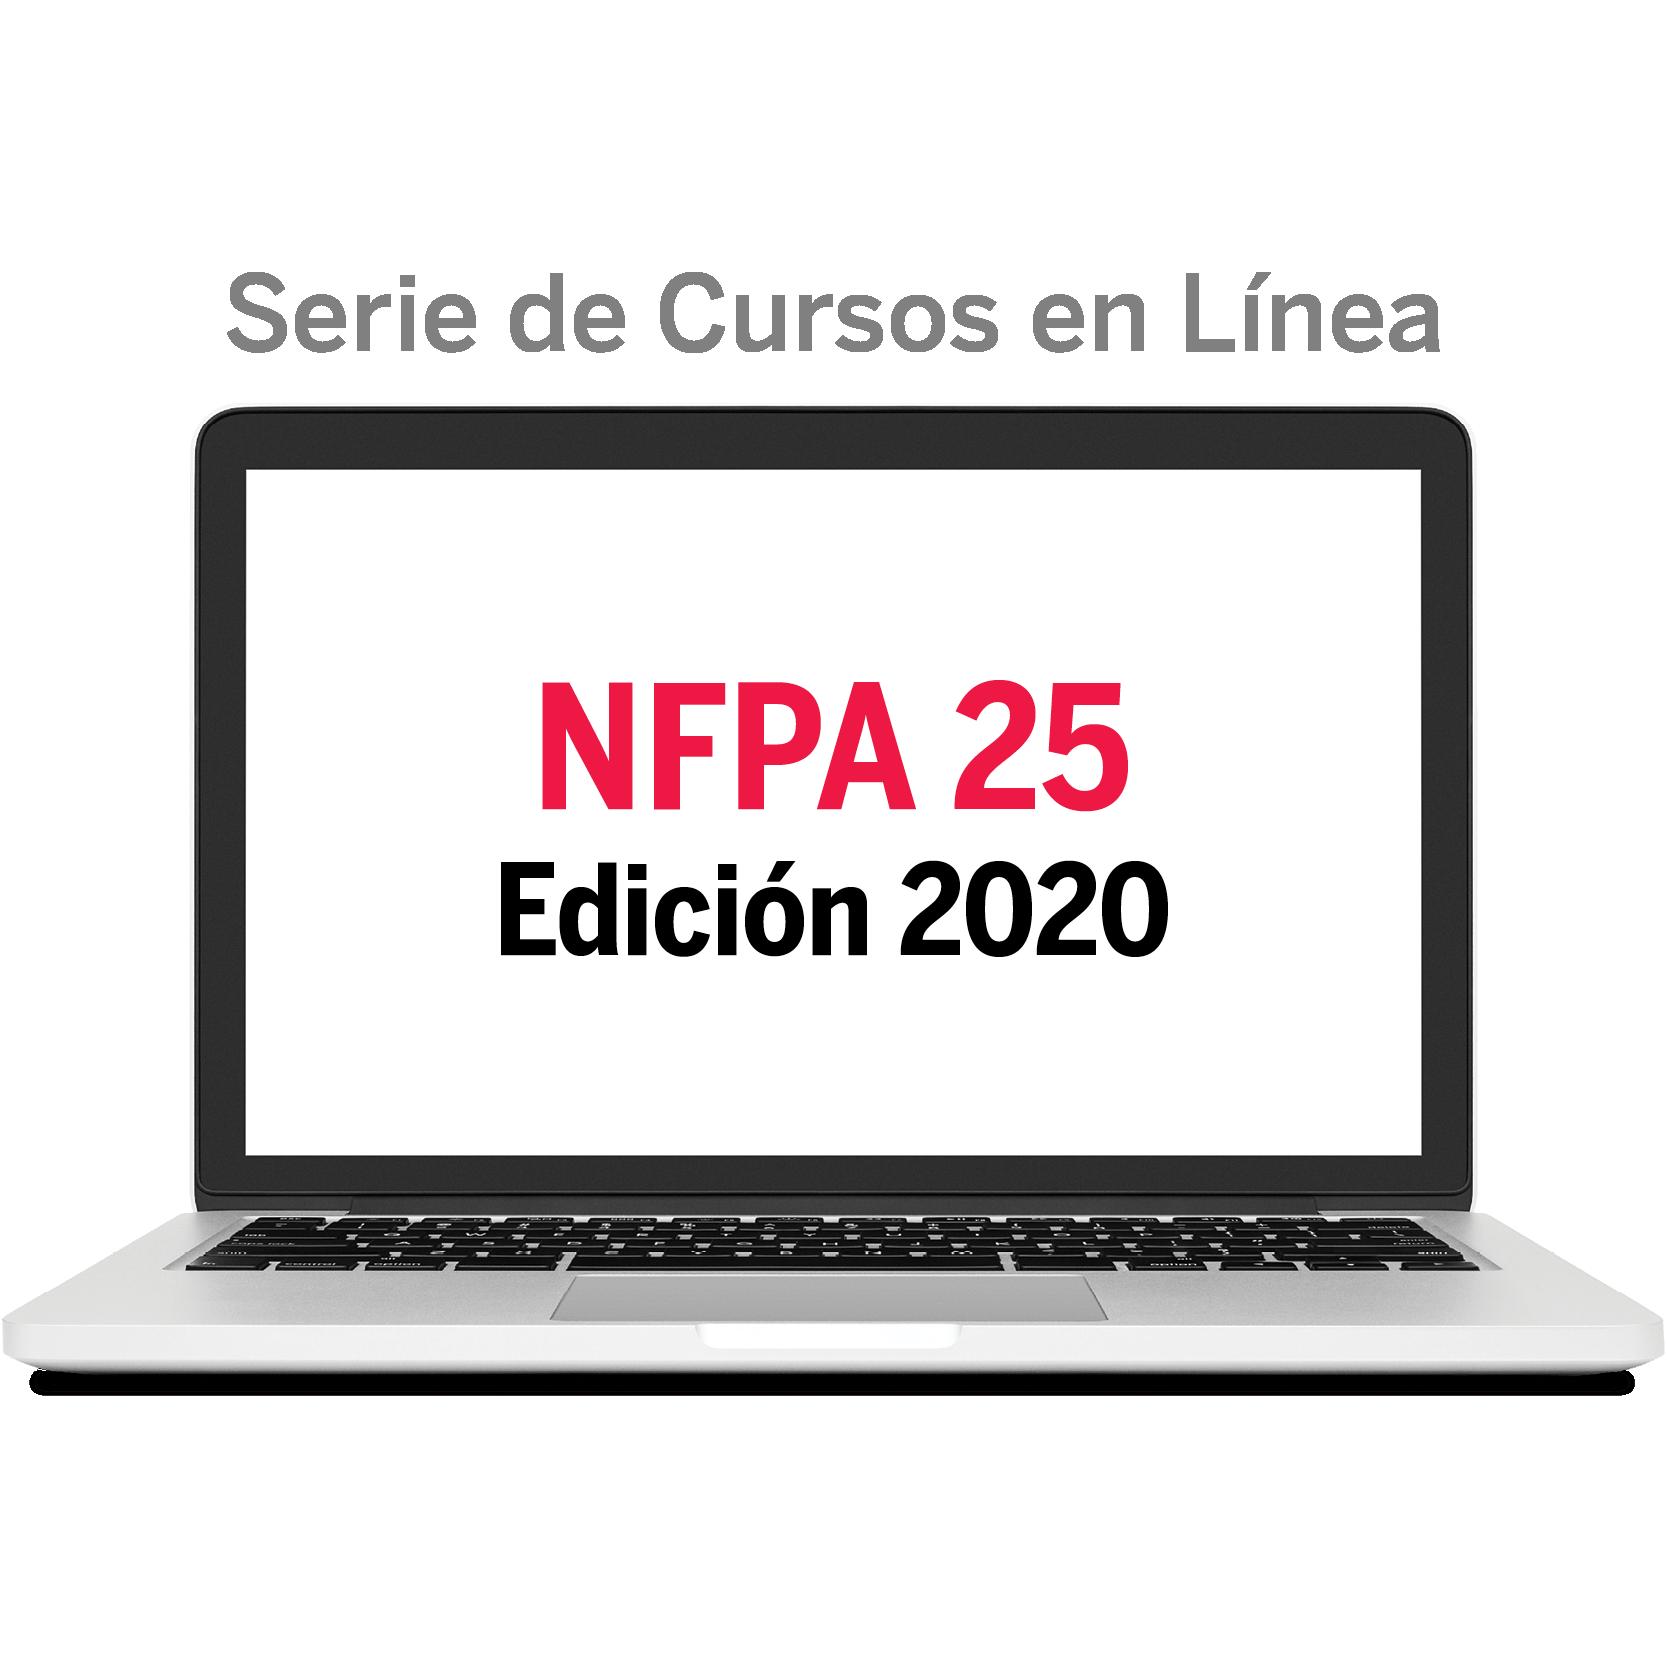 NFPA 25 - cursos en línea en español